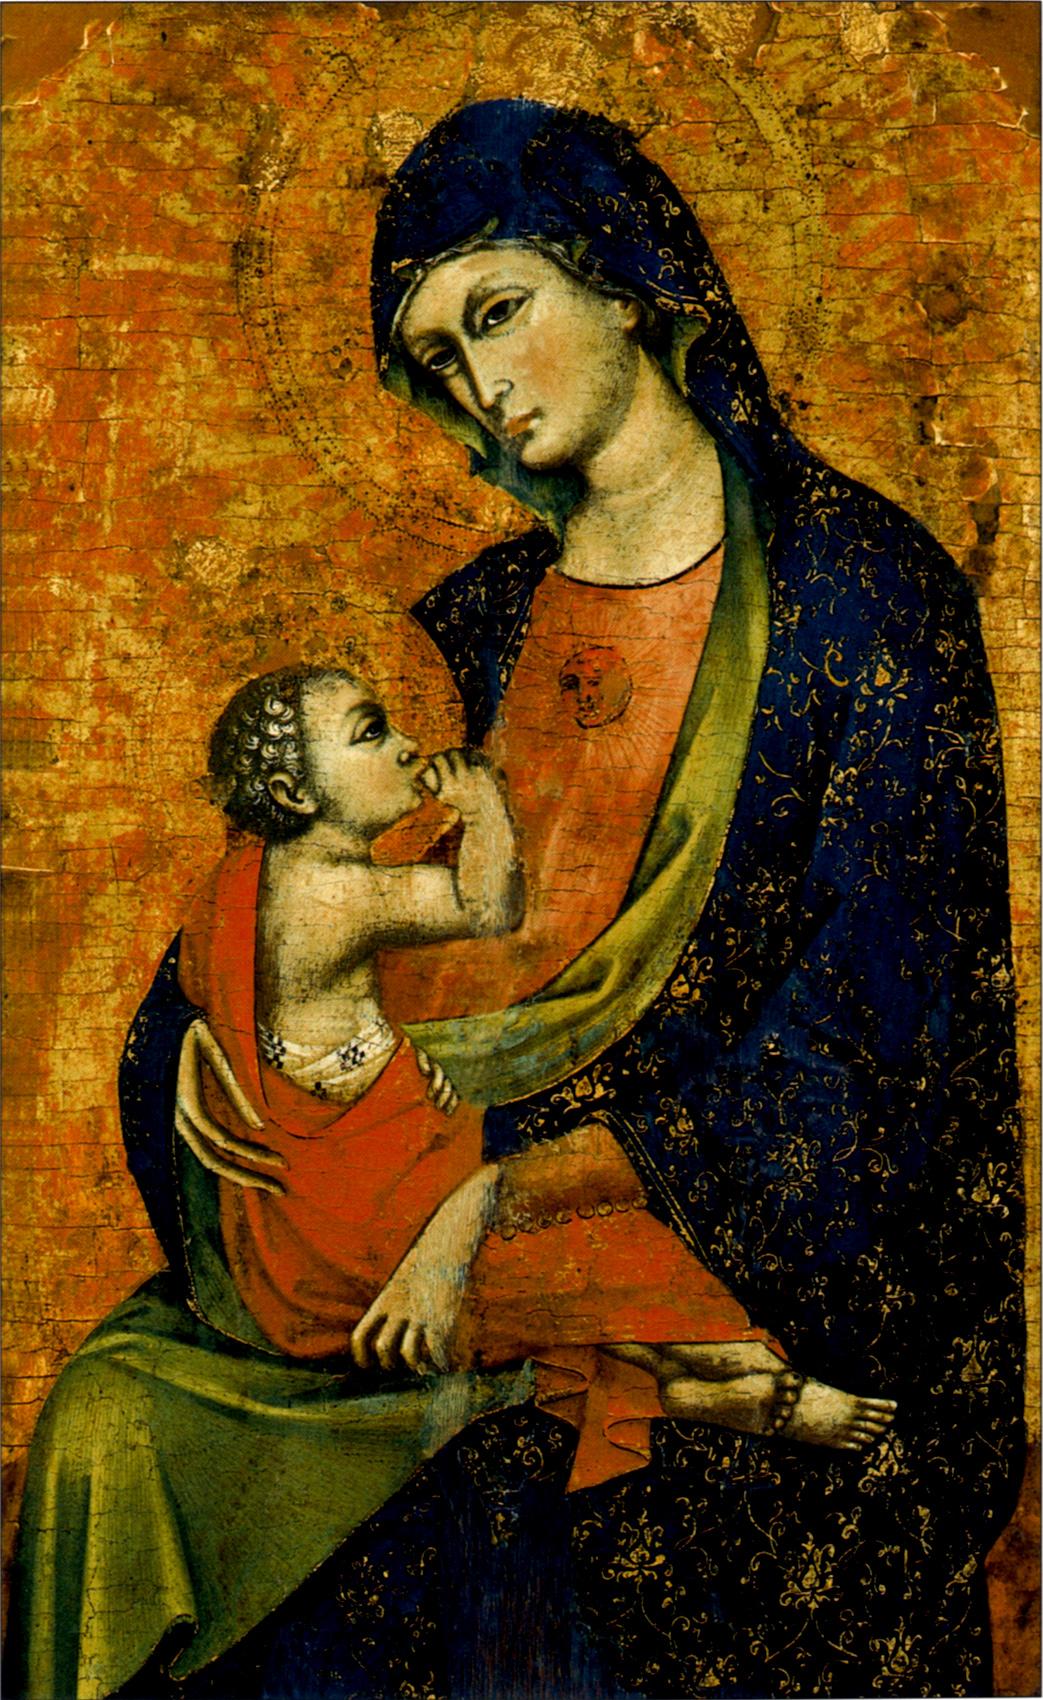 Meneghello di Giovanni de' Canali, Madonna and Child